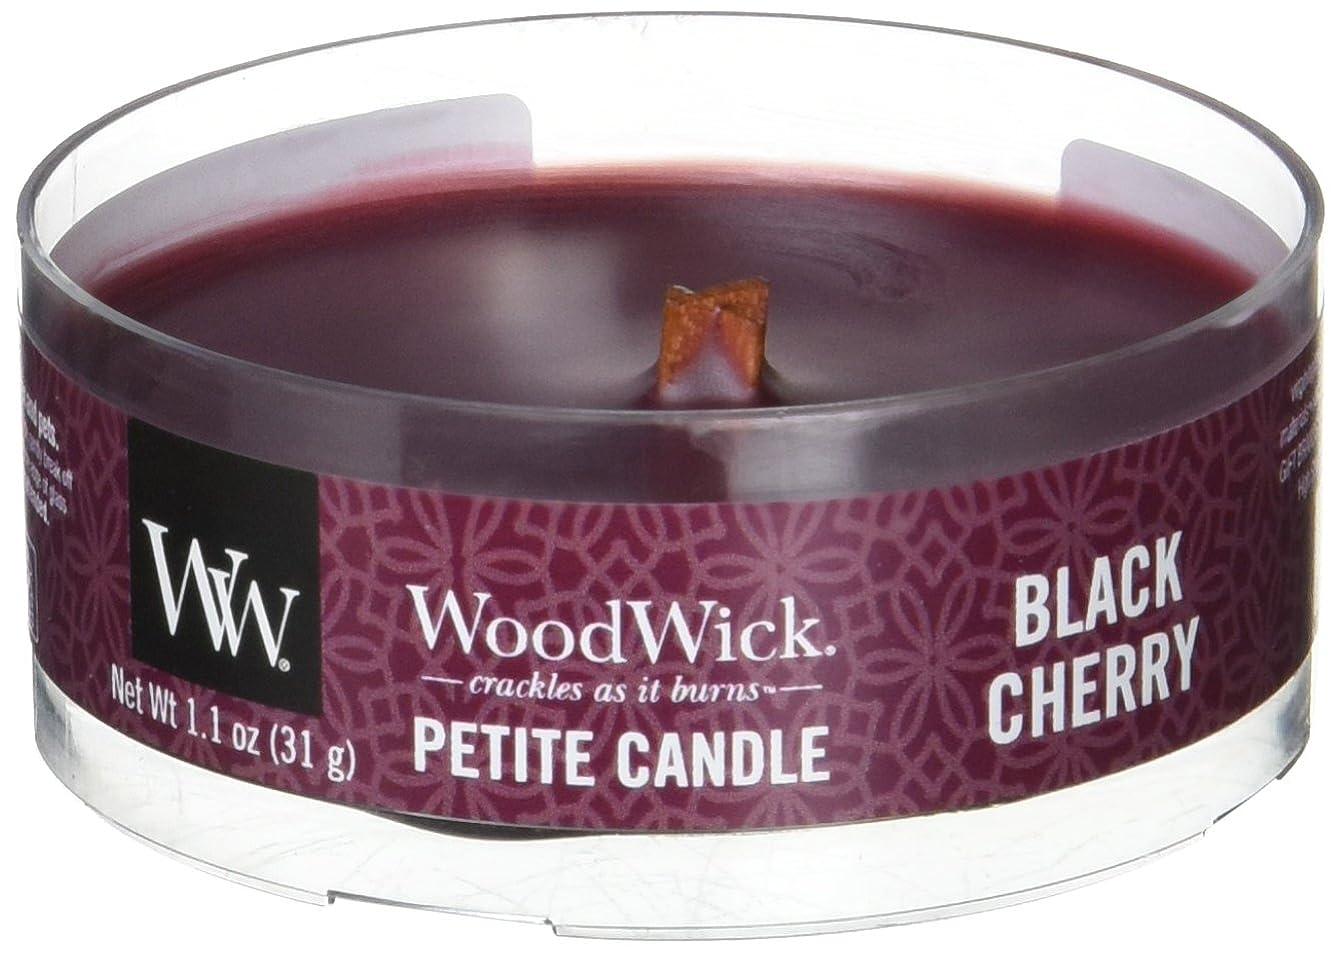 アスリート驚器用Wood Wick ウッドウィック プチキャンドル ブラックチェリー